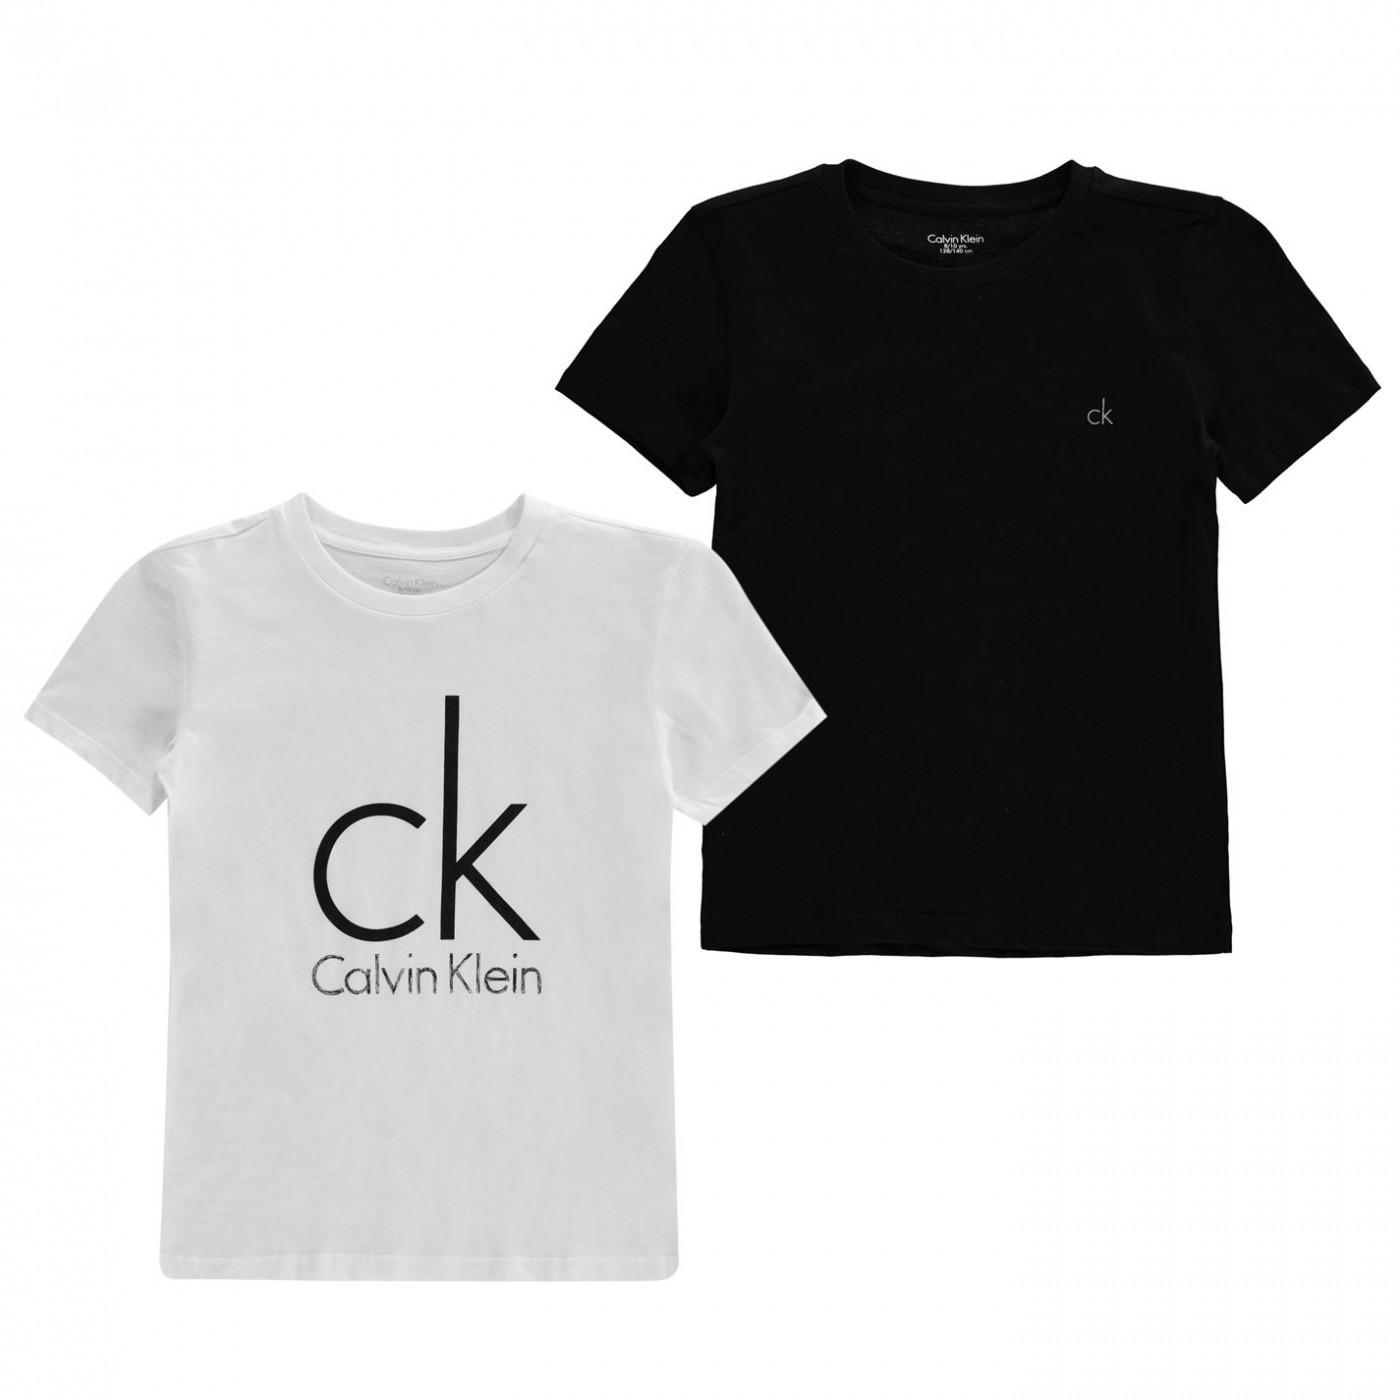 3f76fefd3ba Calvin Klein CK 2PK Logo T JN00 - ALIATIC